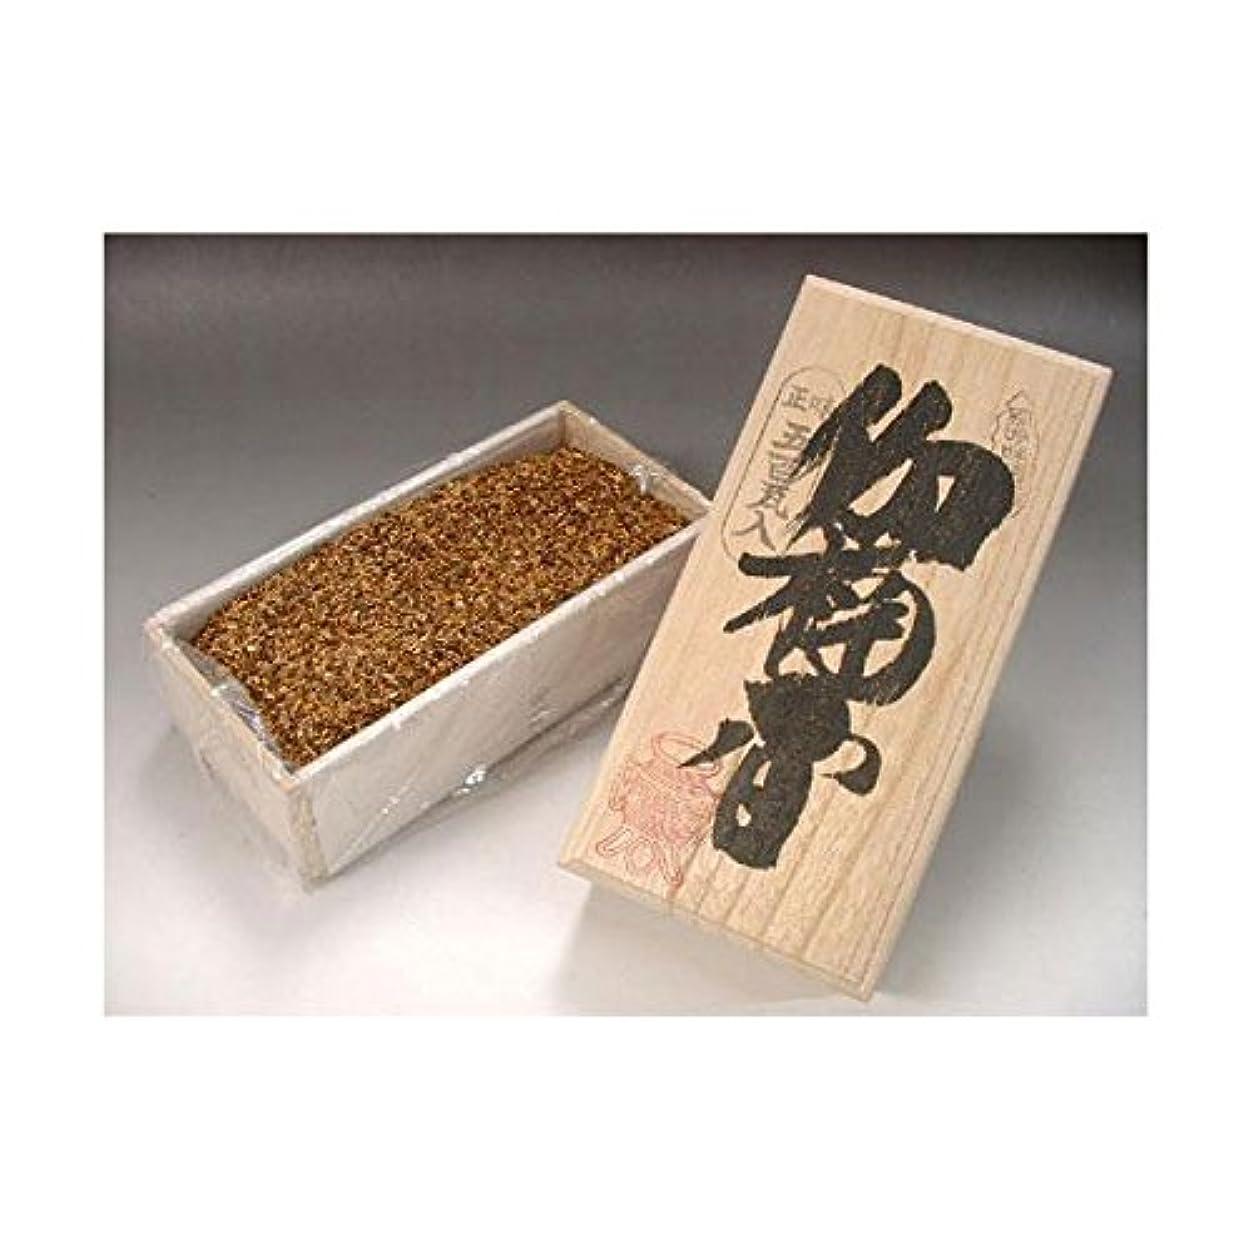 焼香 伽楠香(カナンコウ)500g桐箱入